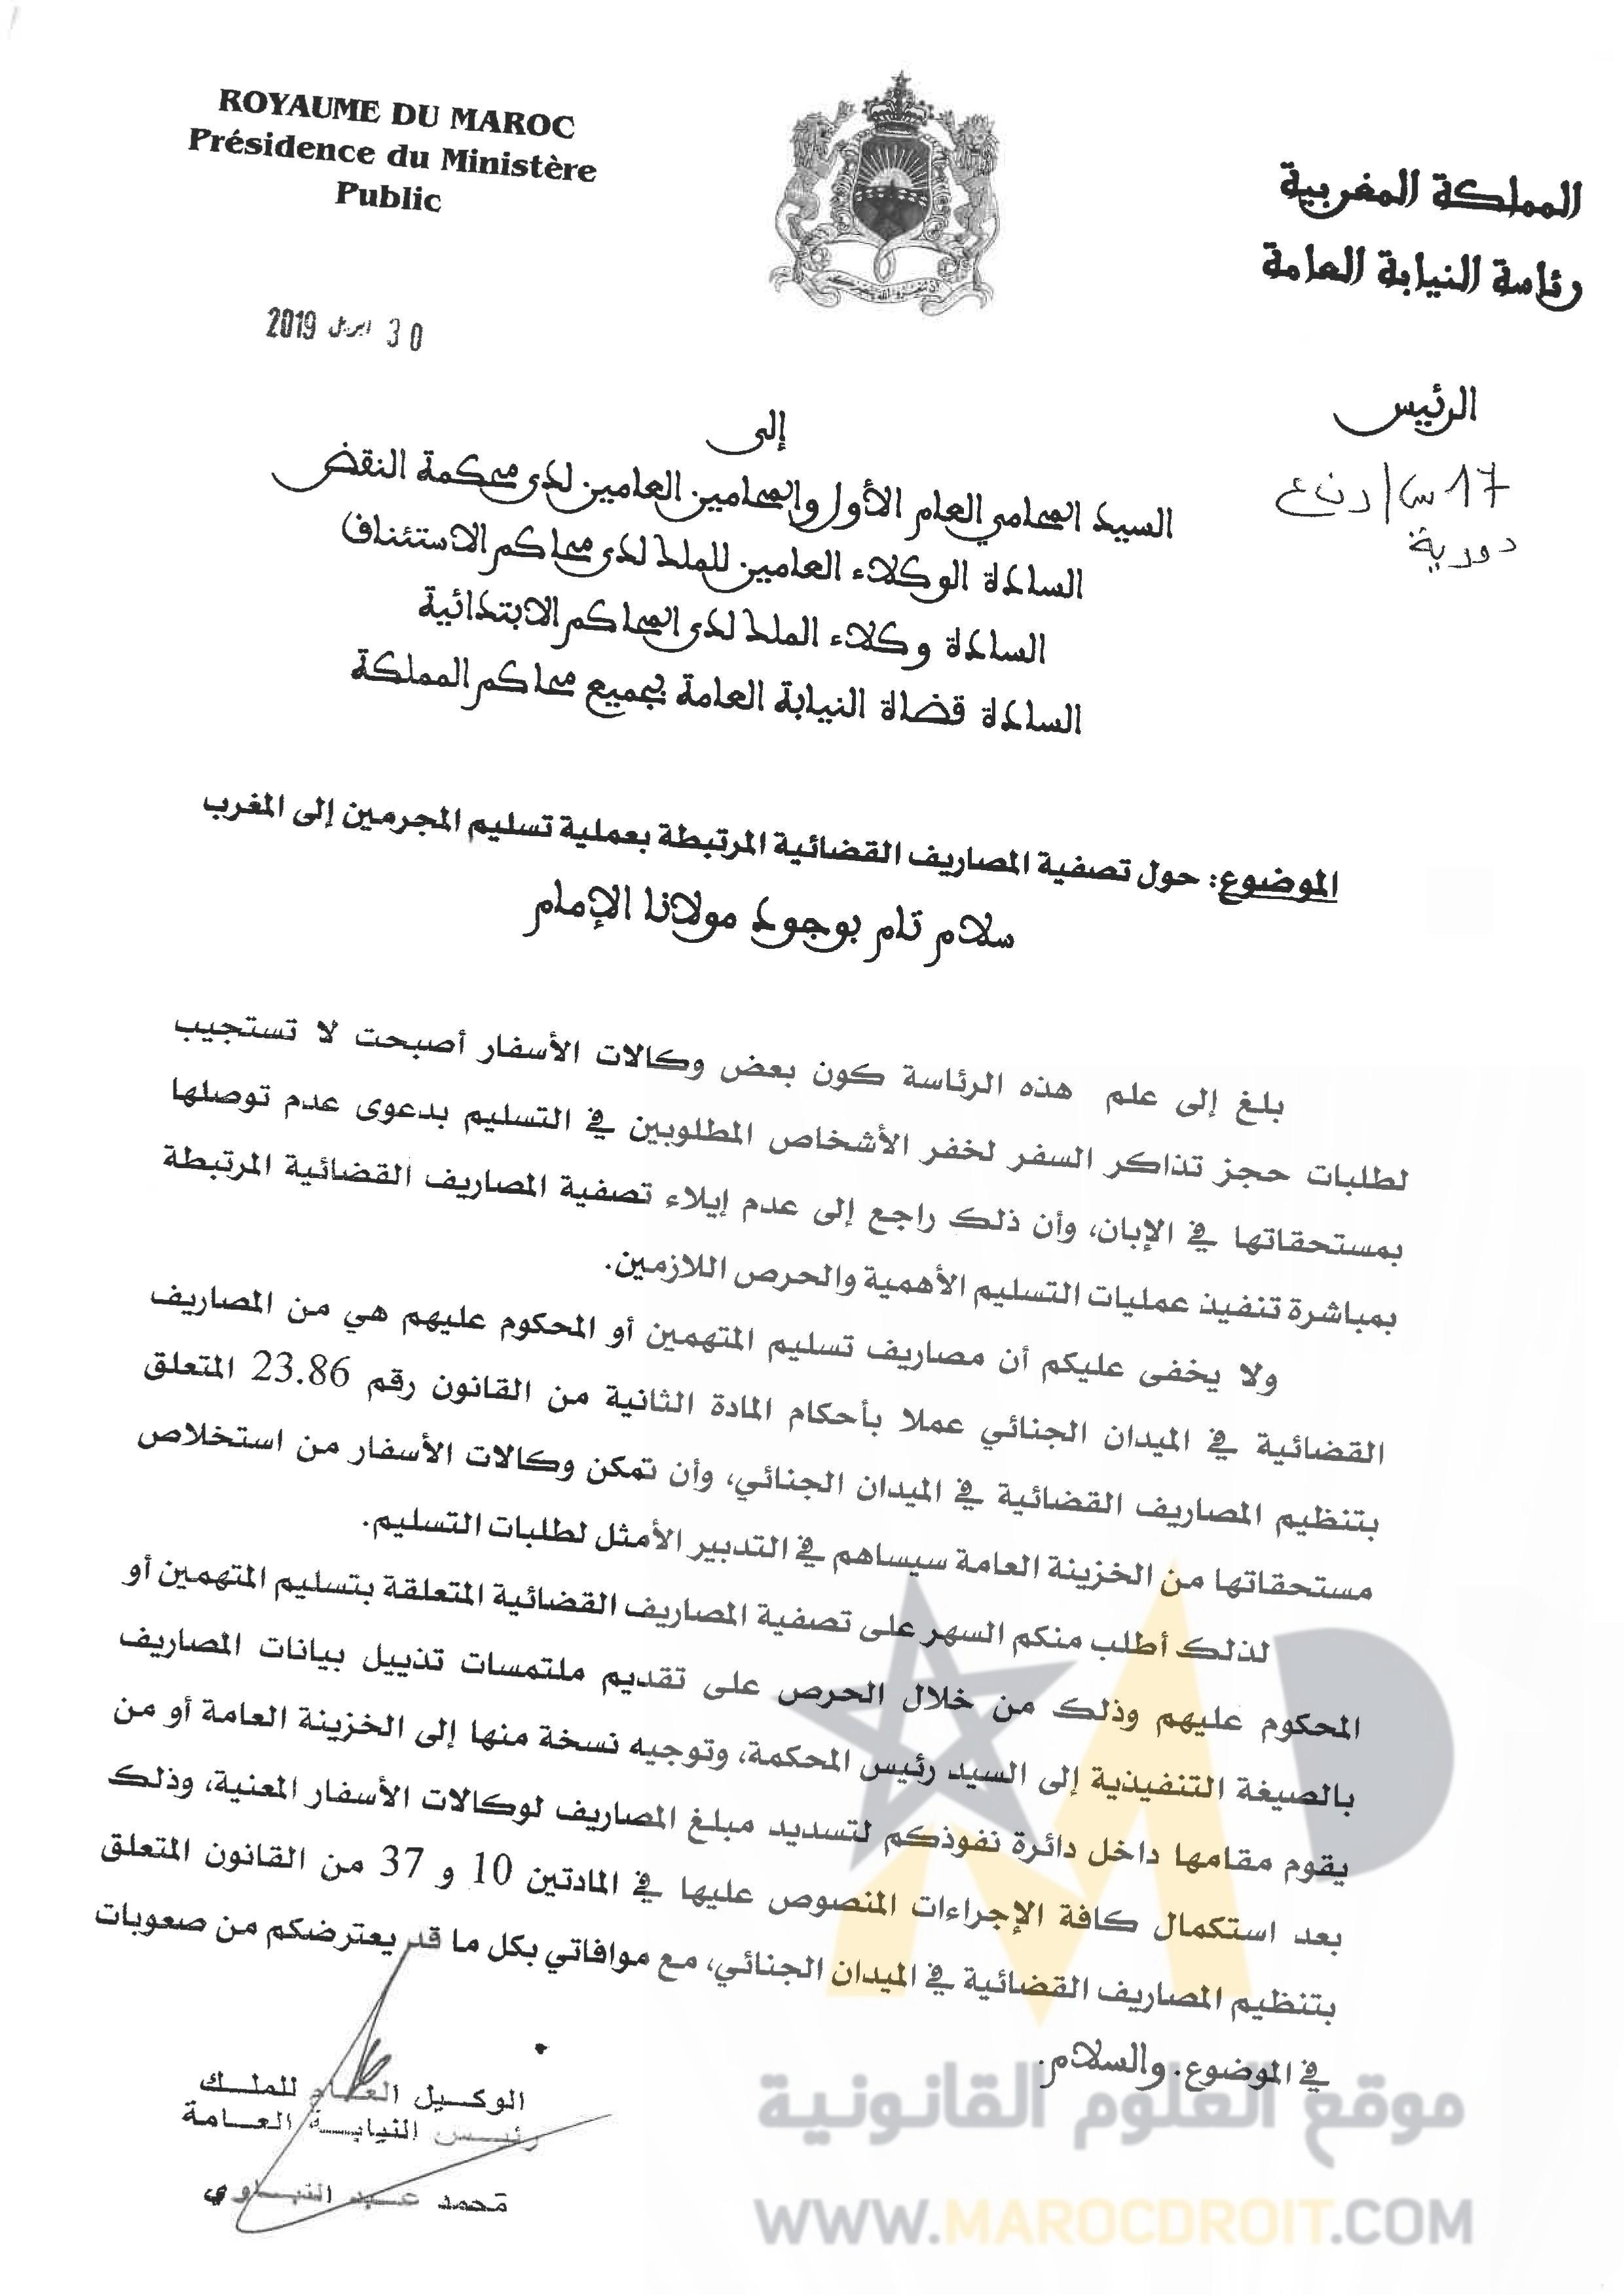 دورية رئاسة النيابة العامة بتاريخ 30 أبريل 2019 حول تصفية المصاريف القضائية المرتبطة بعملية تسليم المجرمين إلى المغرب